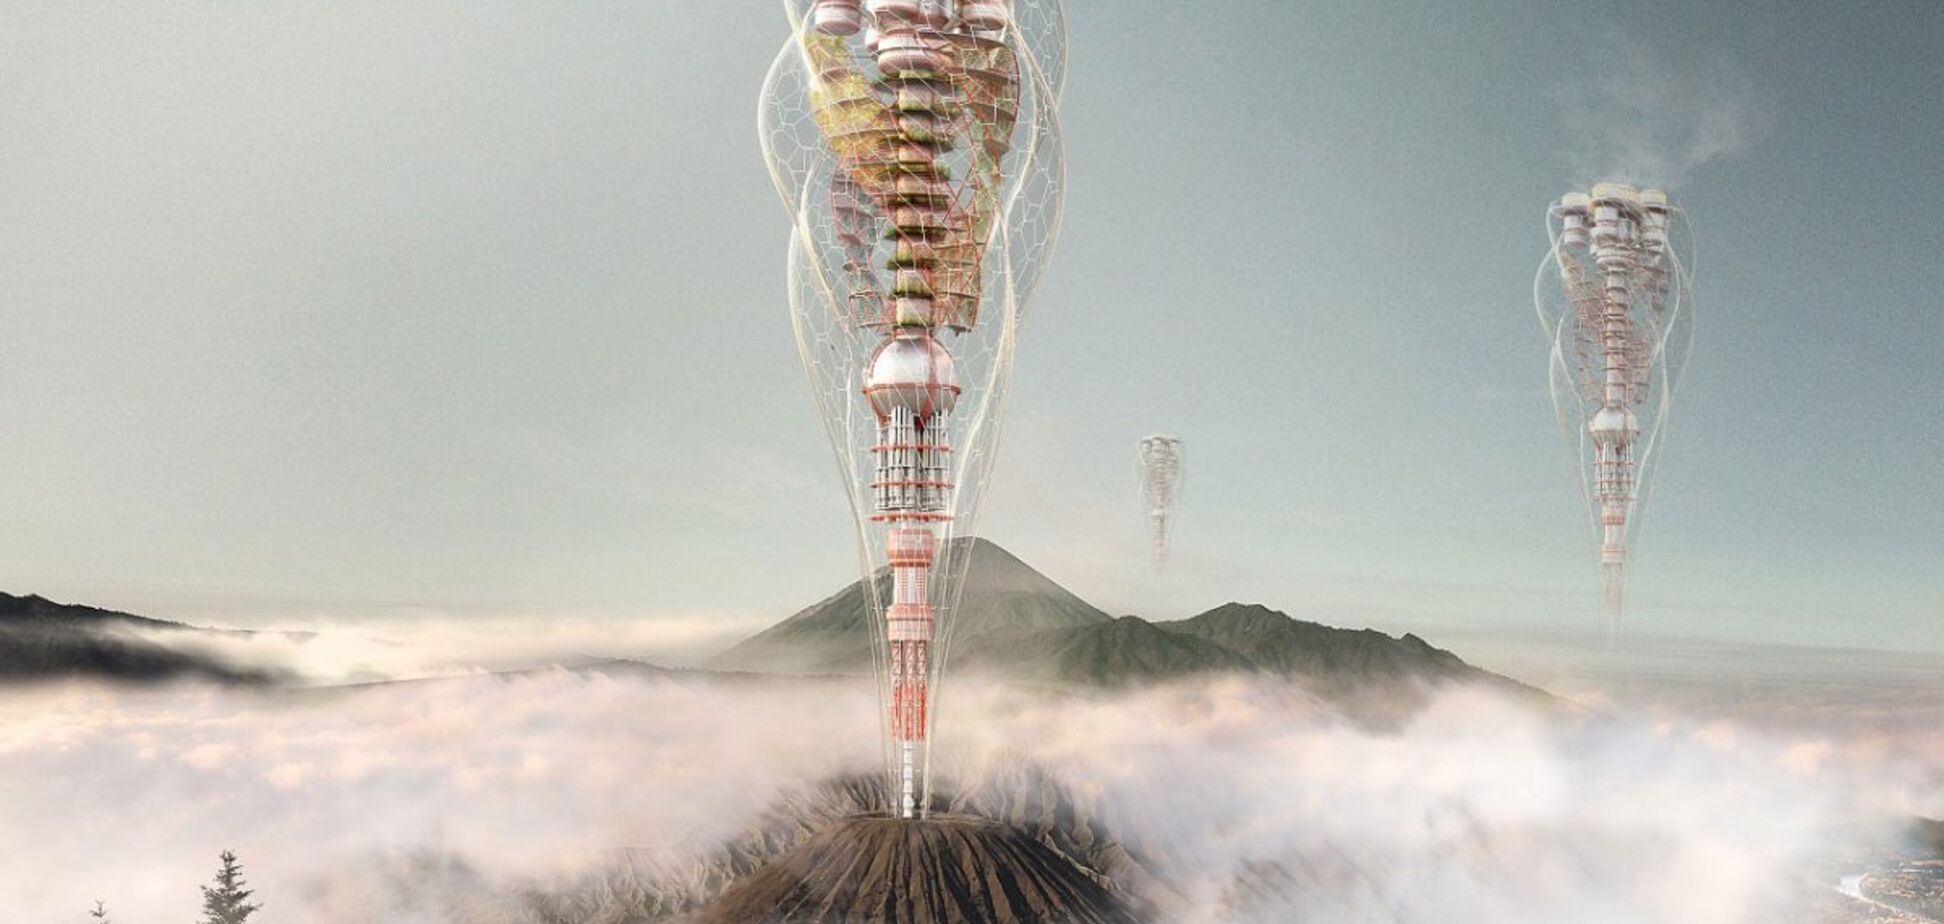 Дерево, ферма и дзиндзя: лучшие небоскребы мира